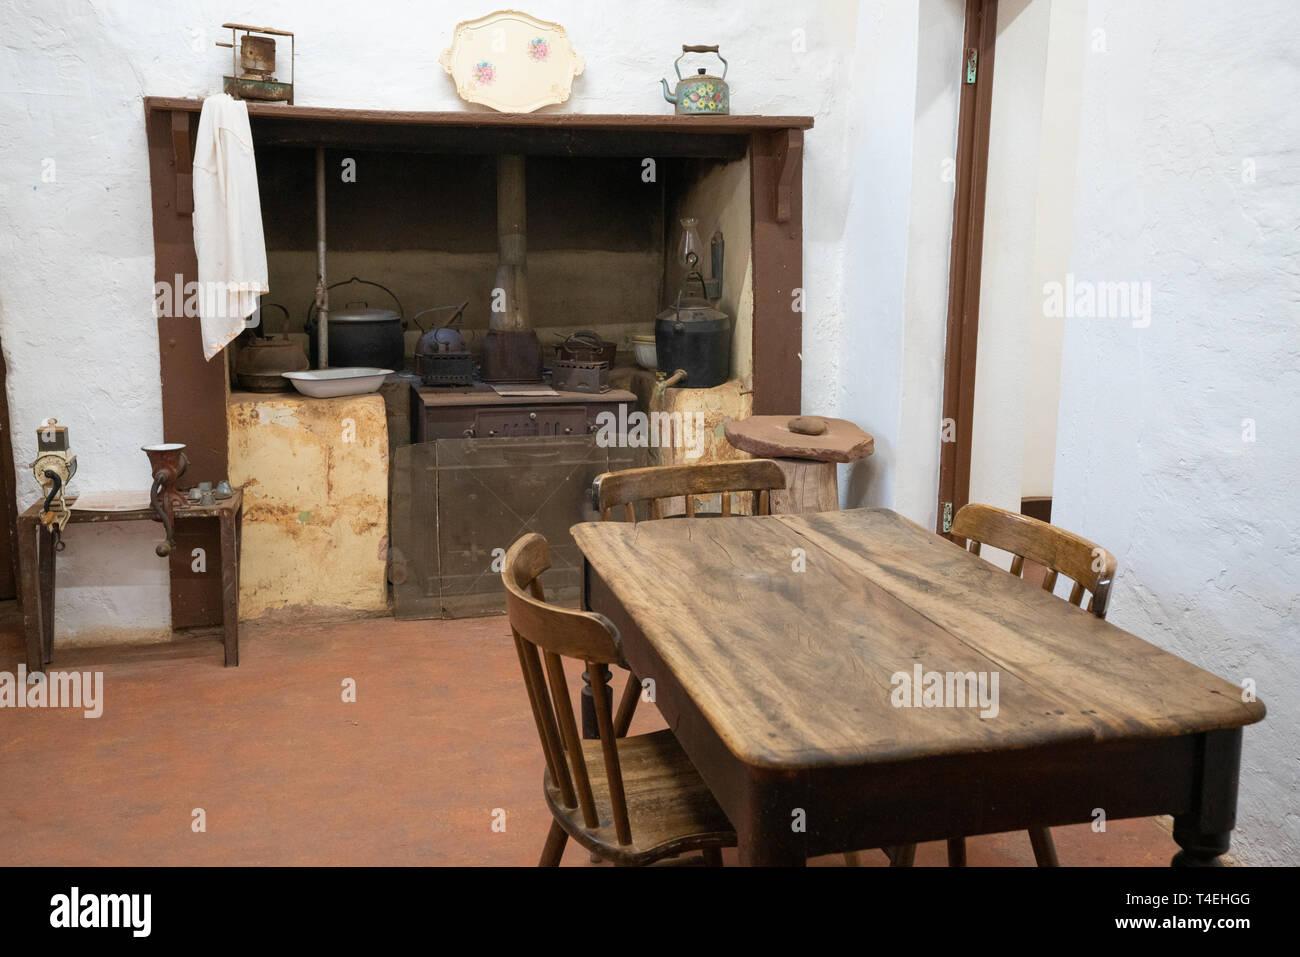 Küche Tisch Holz | Kuchen Mit Holz Einzigartig Outdoor Küche Holz ...